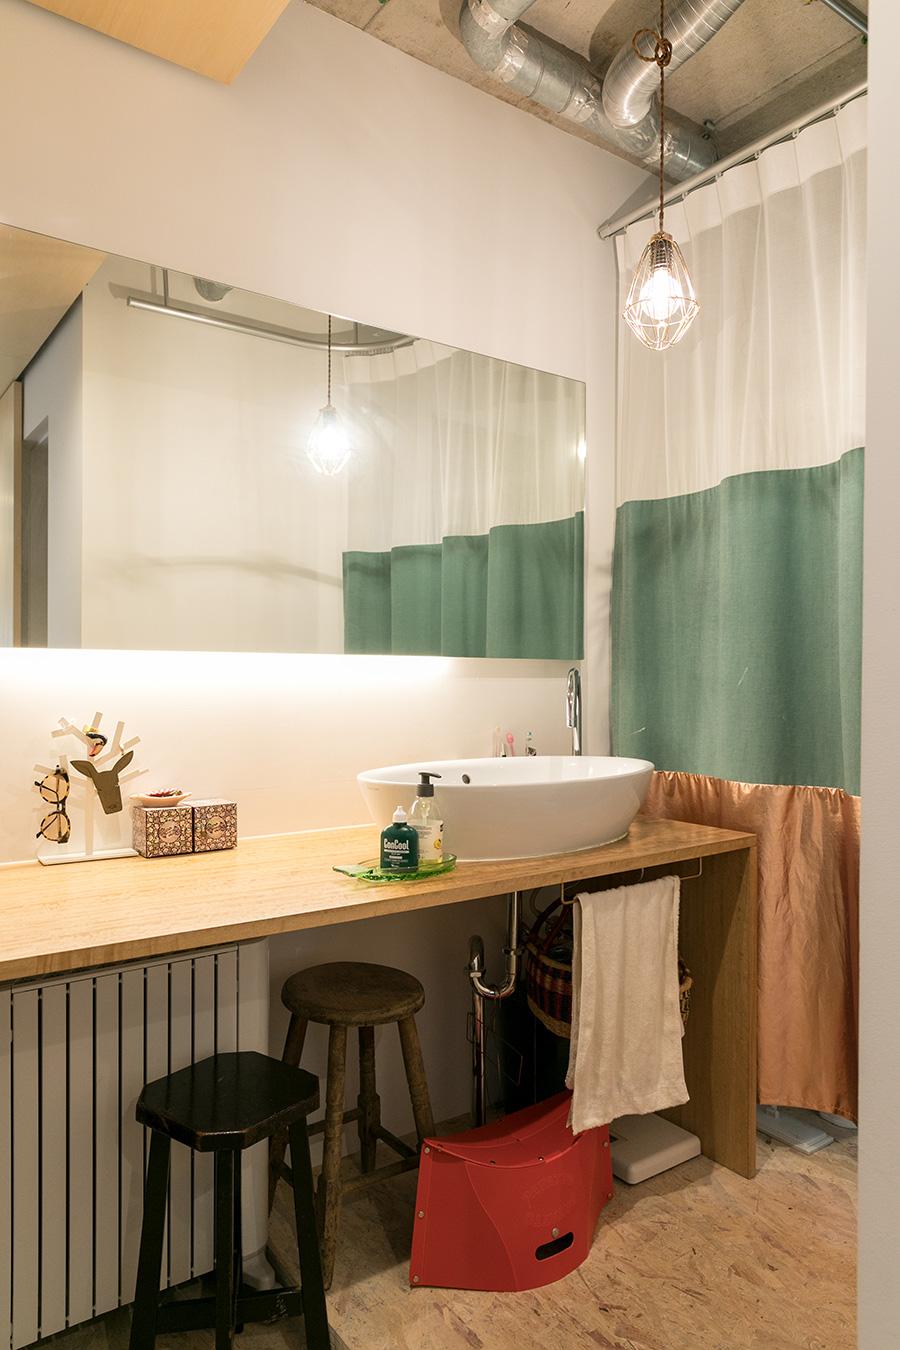 洗面所や寝室は、安東陽子さんデザインのテキスタイルで柔らかく仕切られる。「洗面ボウルは、いろいろ比較検討した結果、この丸いカタチのものにしました」